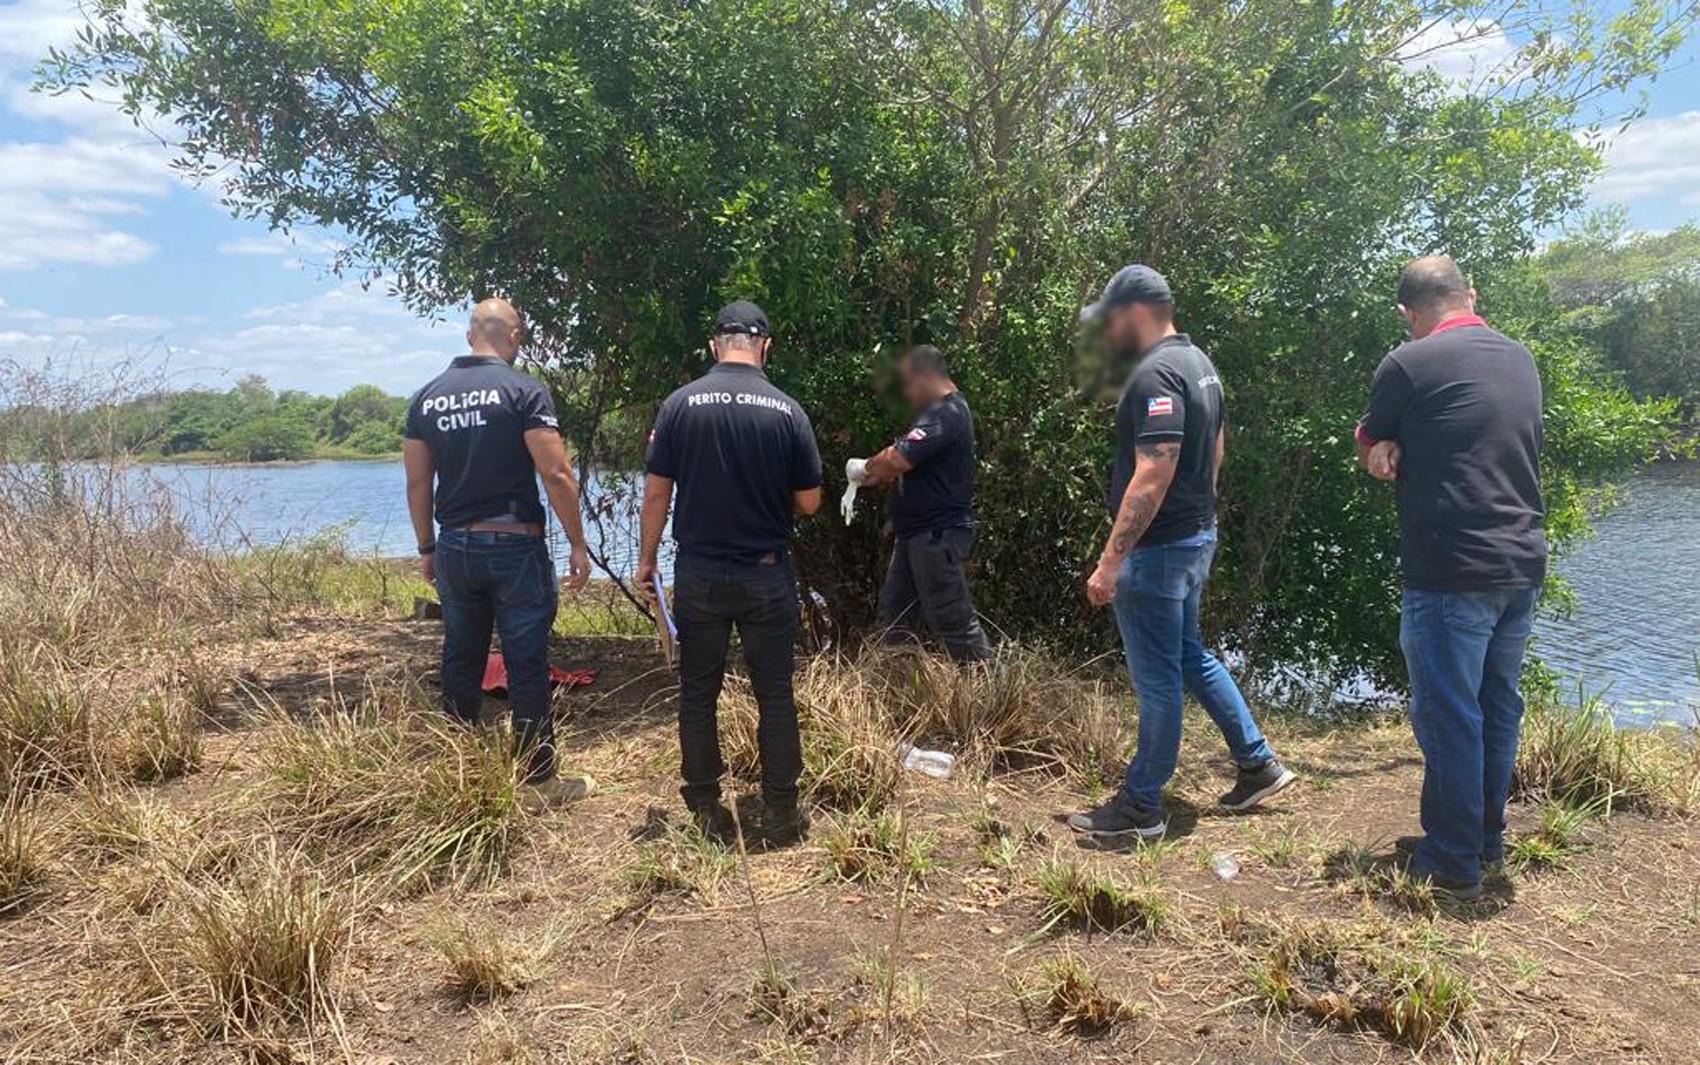 Menino de 2 anos é achado morto perto de rio na BA; mãe é suspeita de arremessar criança na água